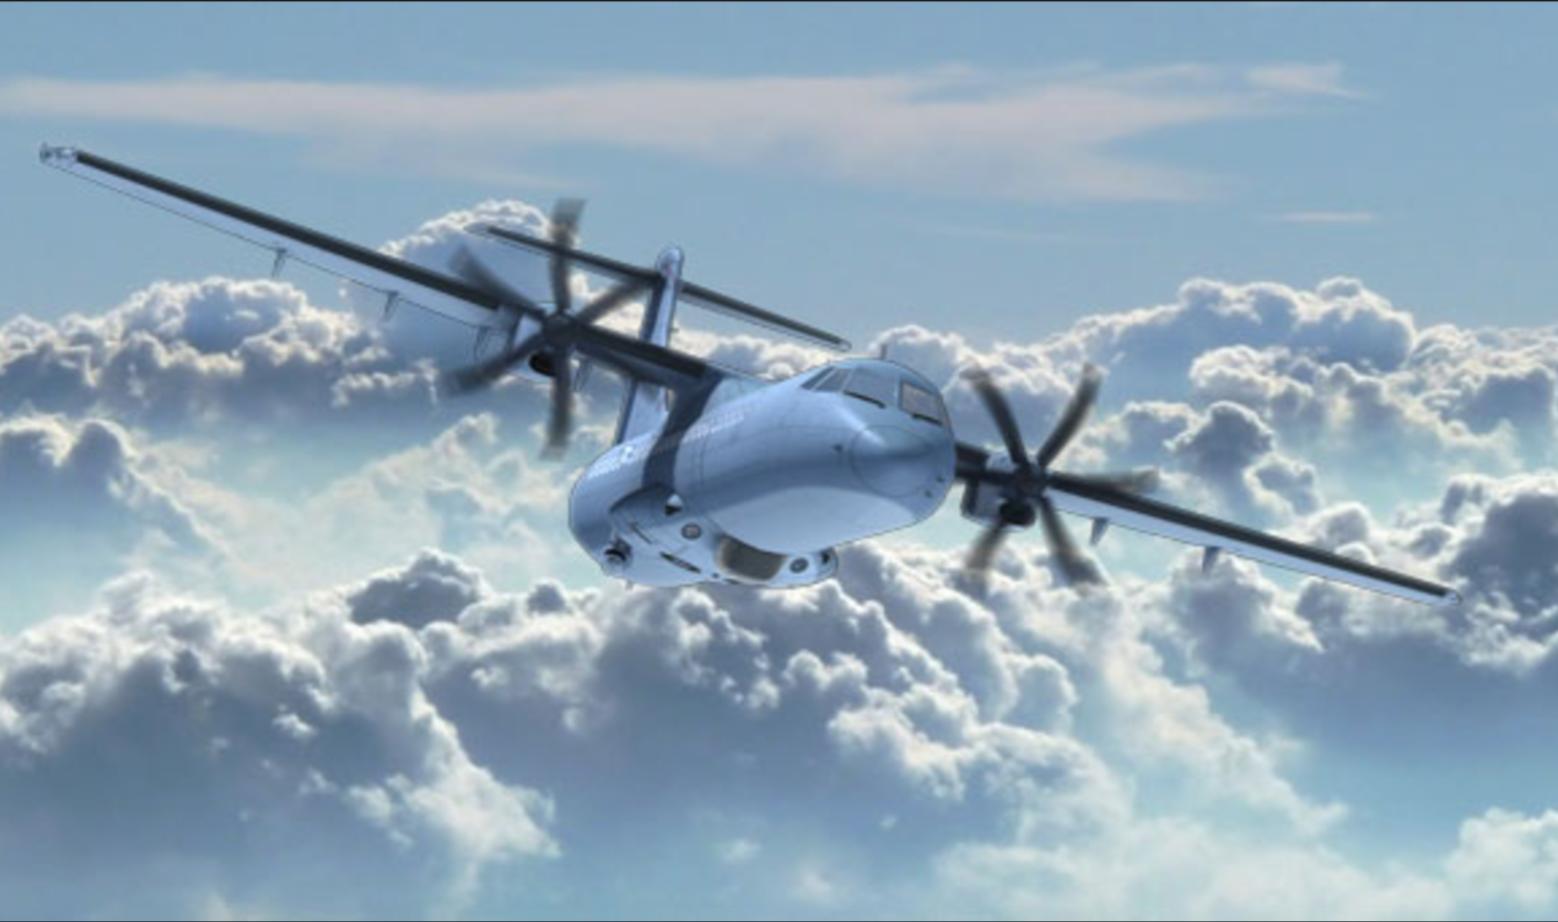 Aselsan AAS 44 Aviyonik Nişancı Termal Görüş Sistemi